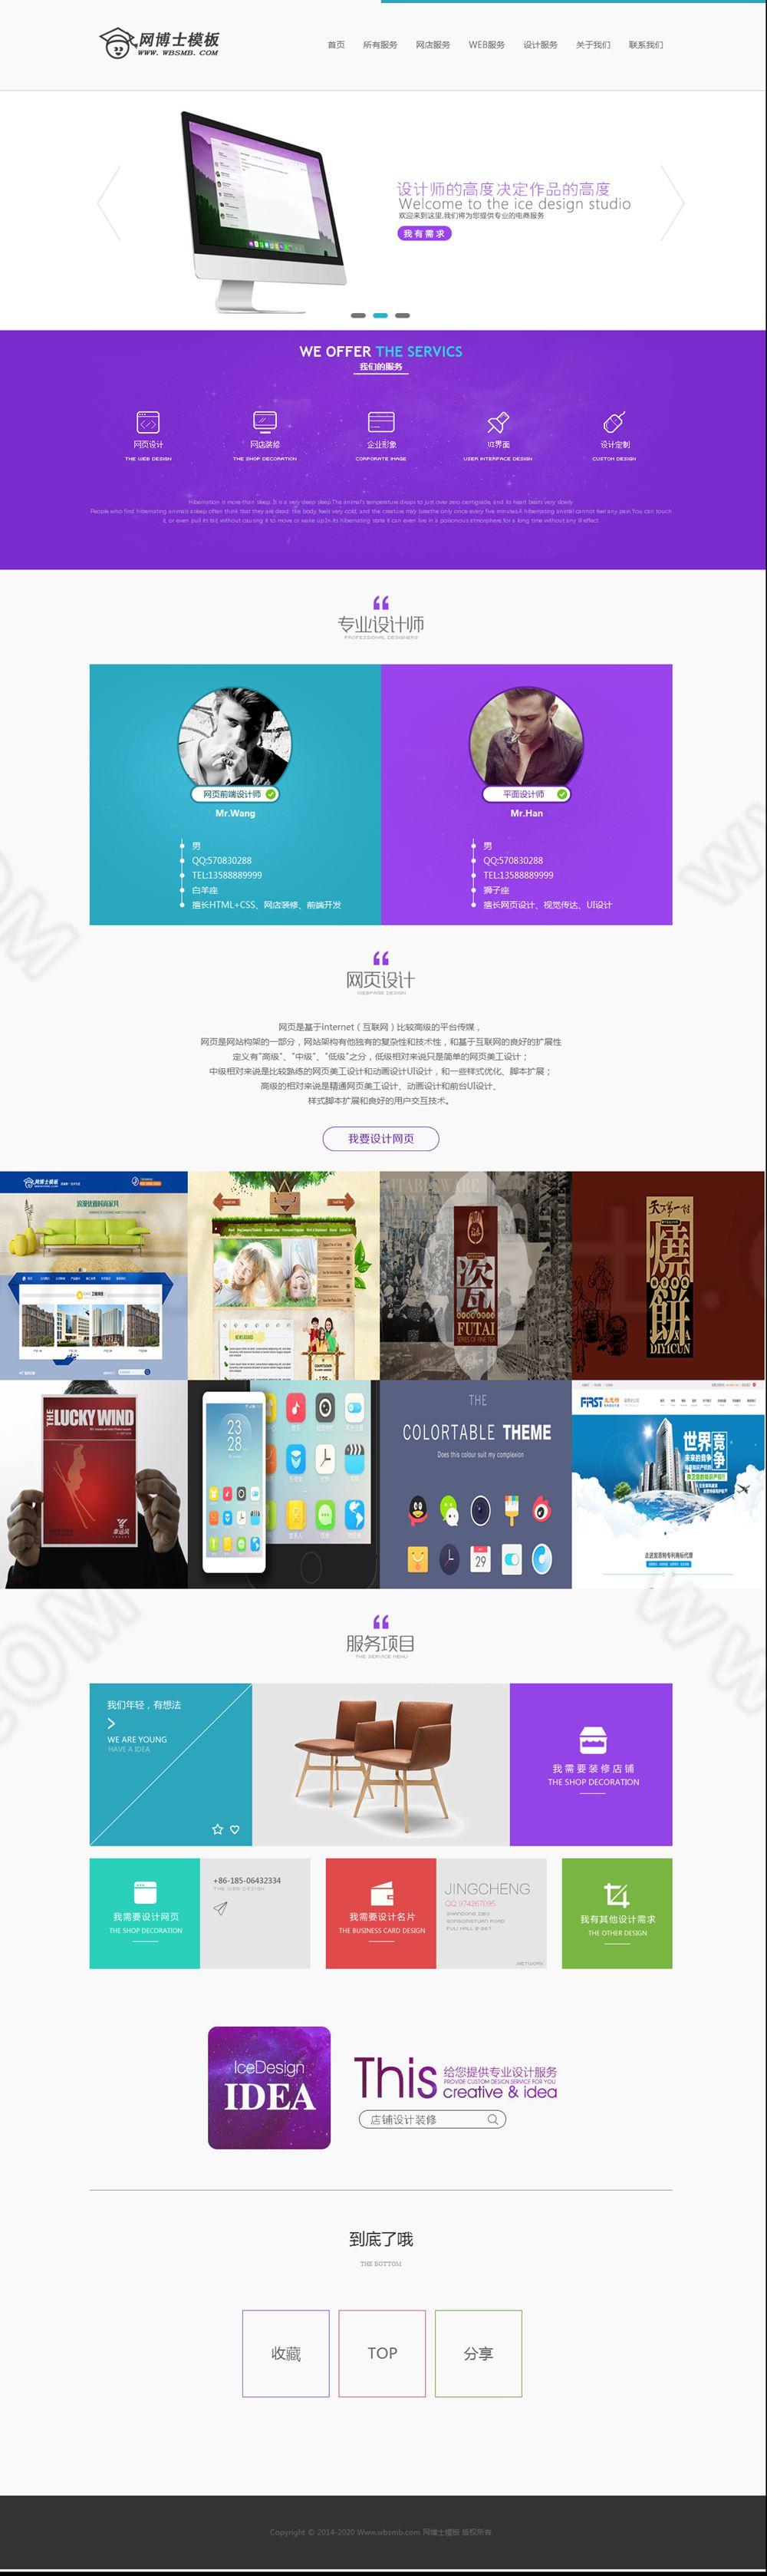 html5设计高端IT企业建站类企业网站